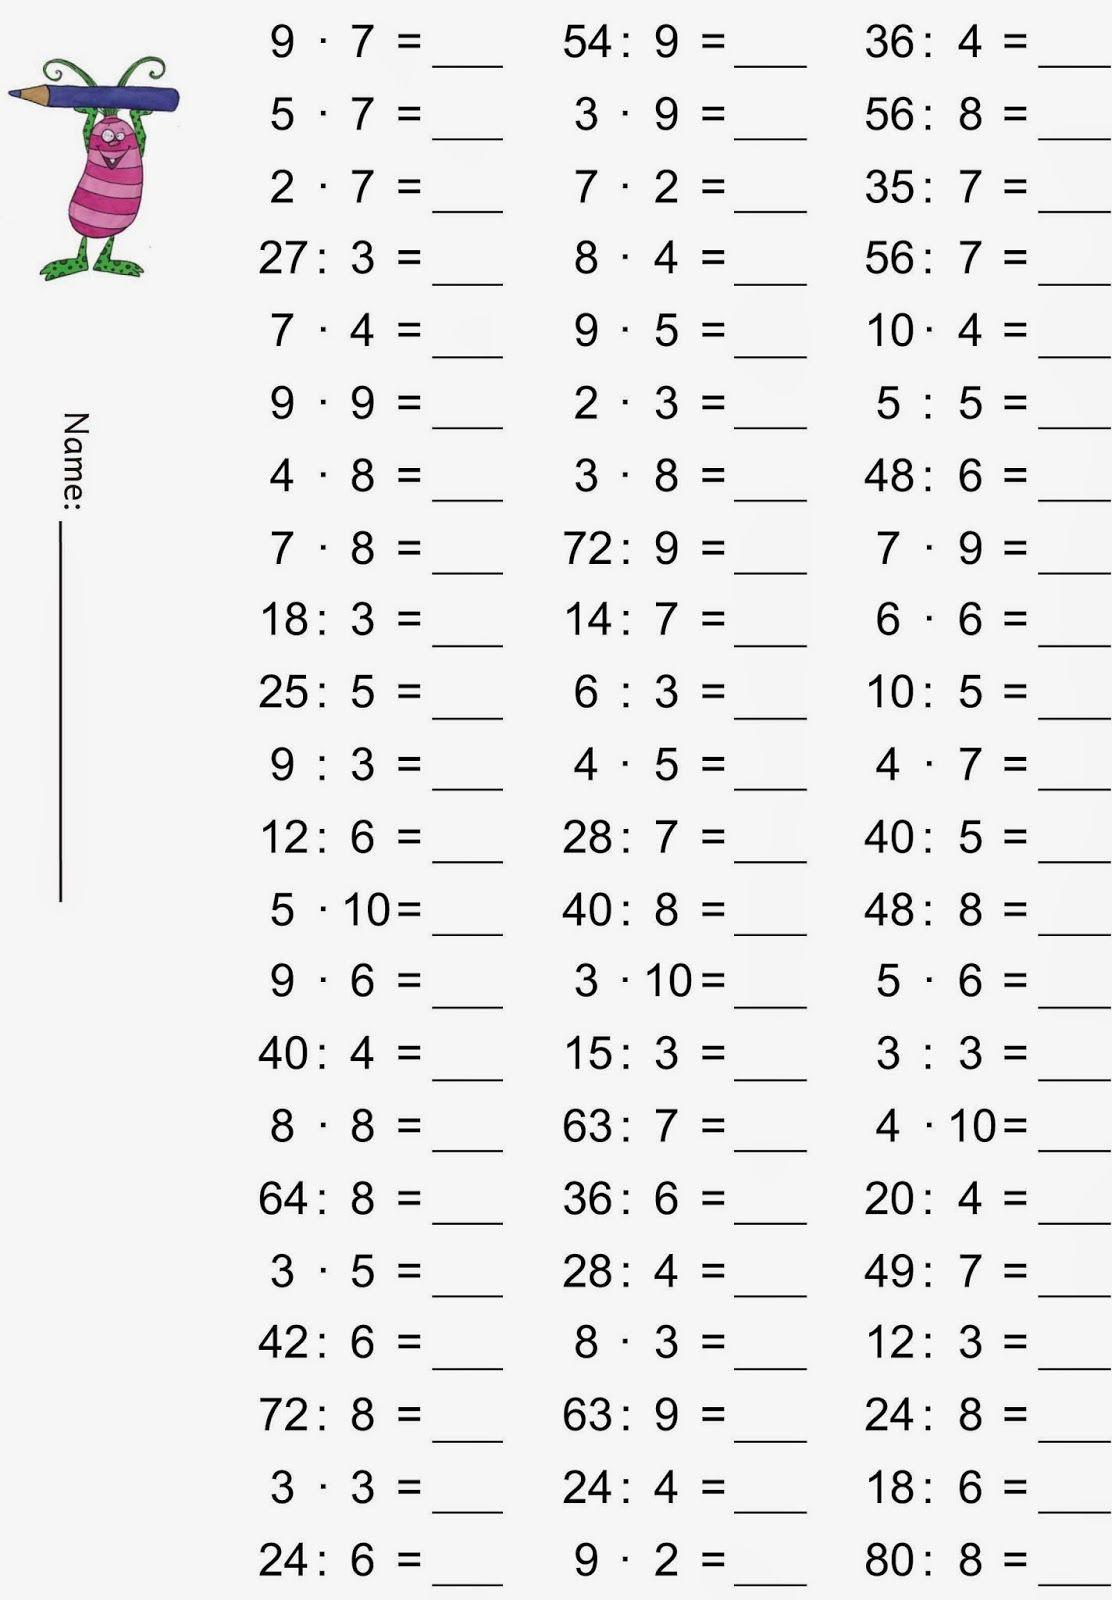 Einmaleins - Gemischte Übungsaufgaben | Nachhilfe Mathe verwandt mit Das Kleine Einmaleins Arbeitsblätter